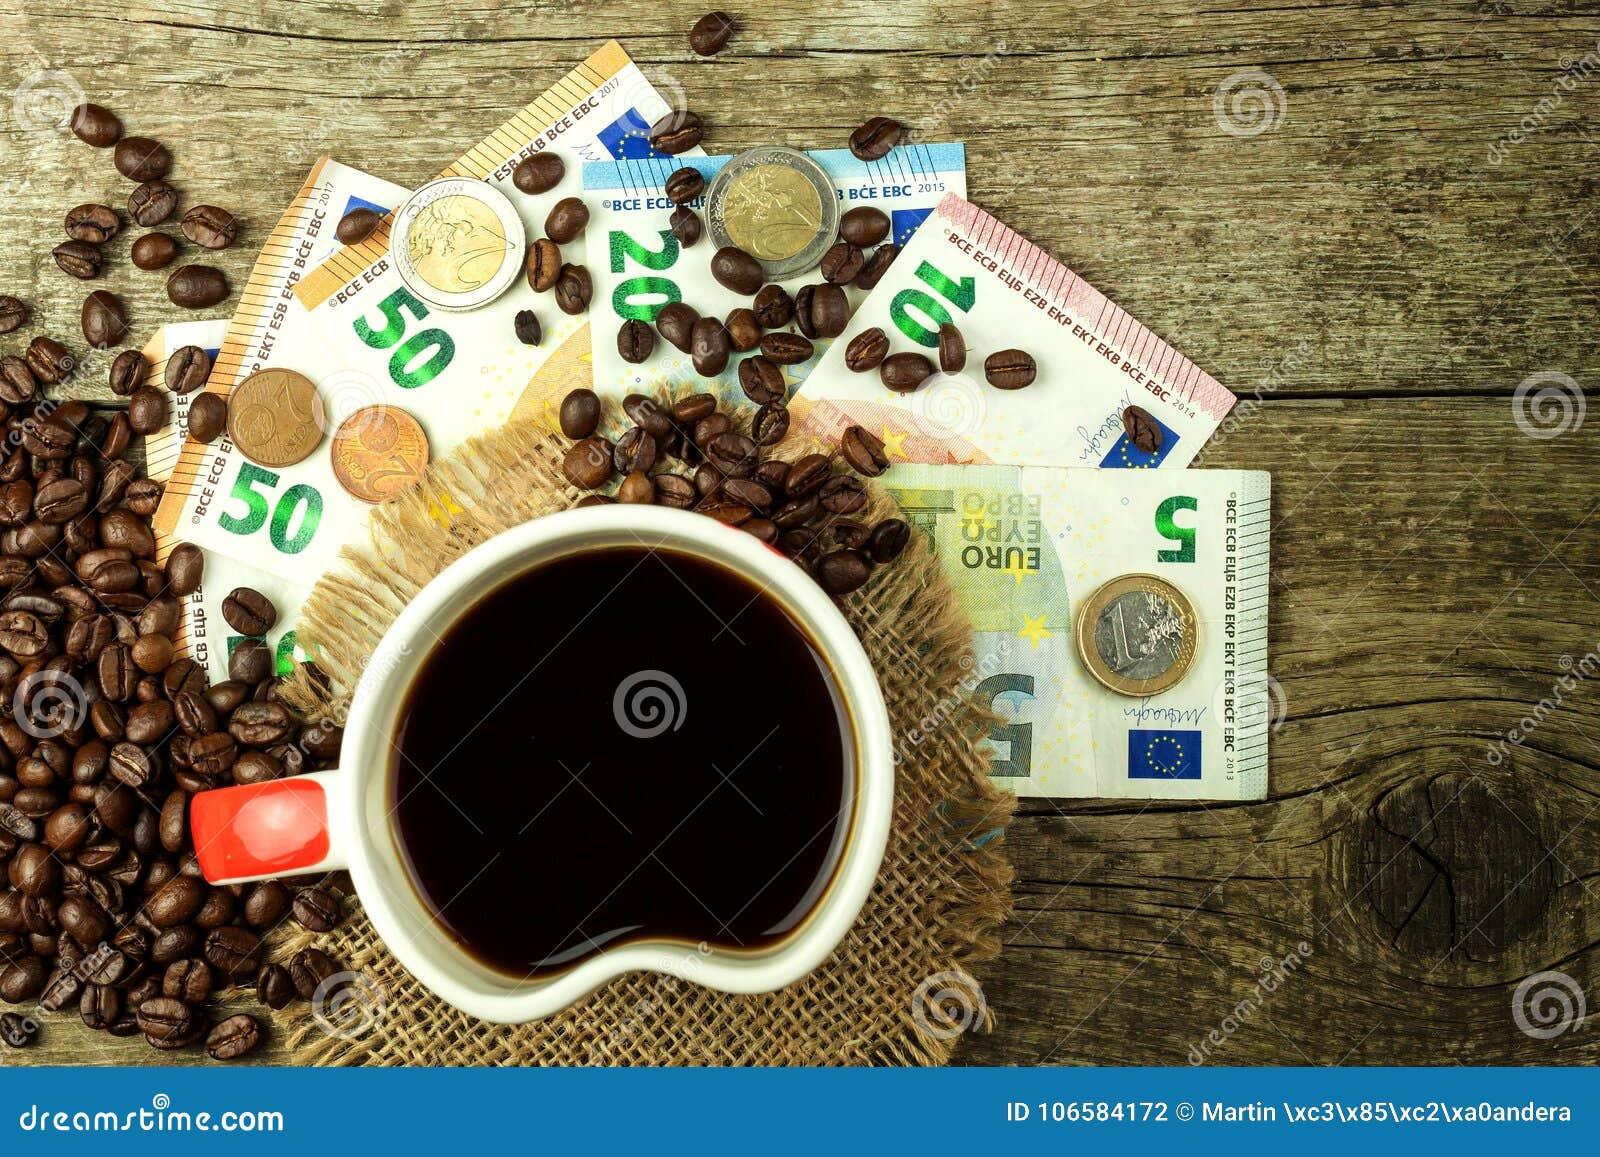 Geroosterde koffiebonen en geldige euro bankbiljetten Koffie handel Verkoop van goederen